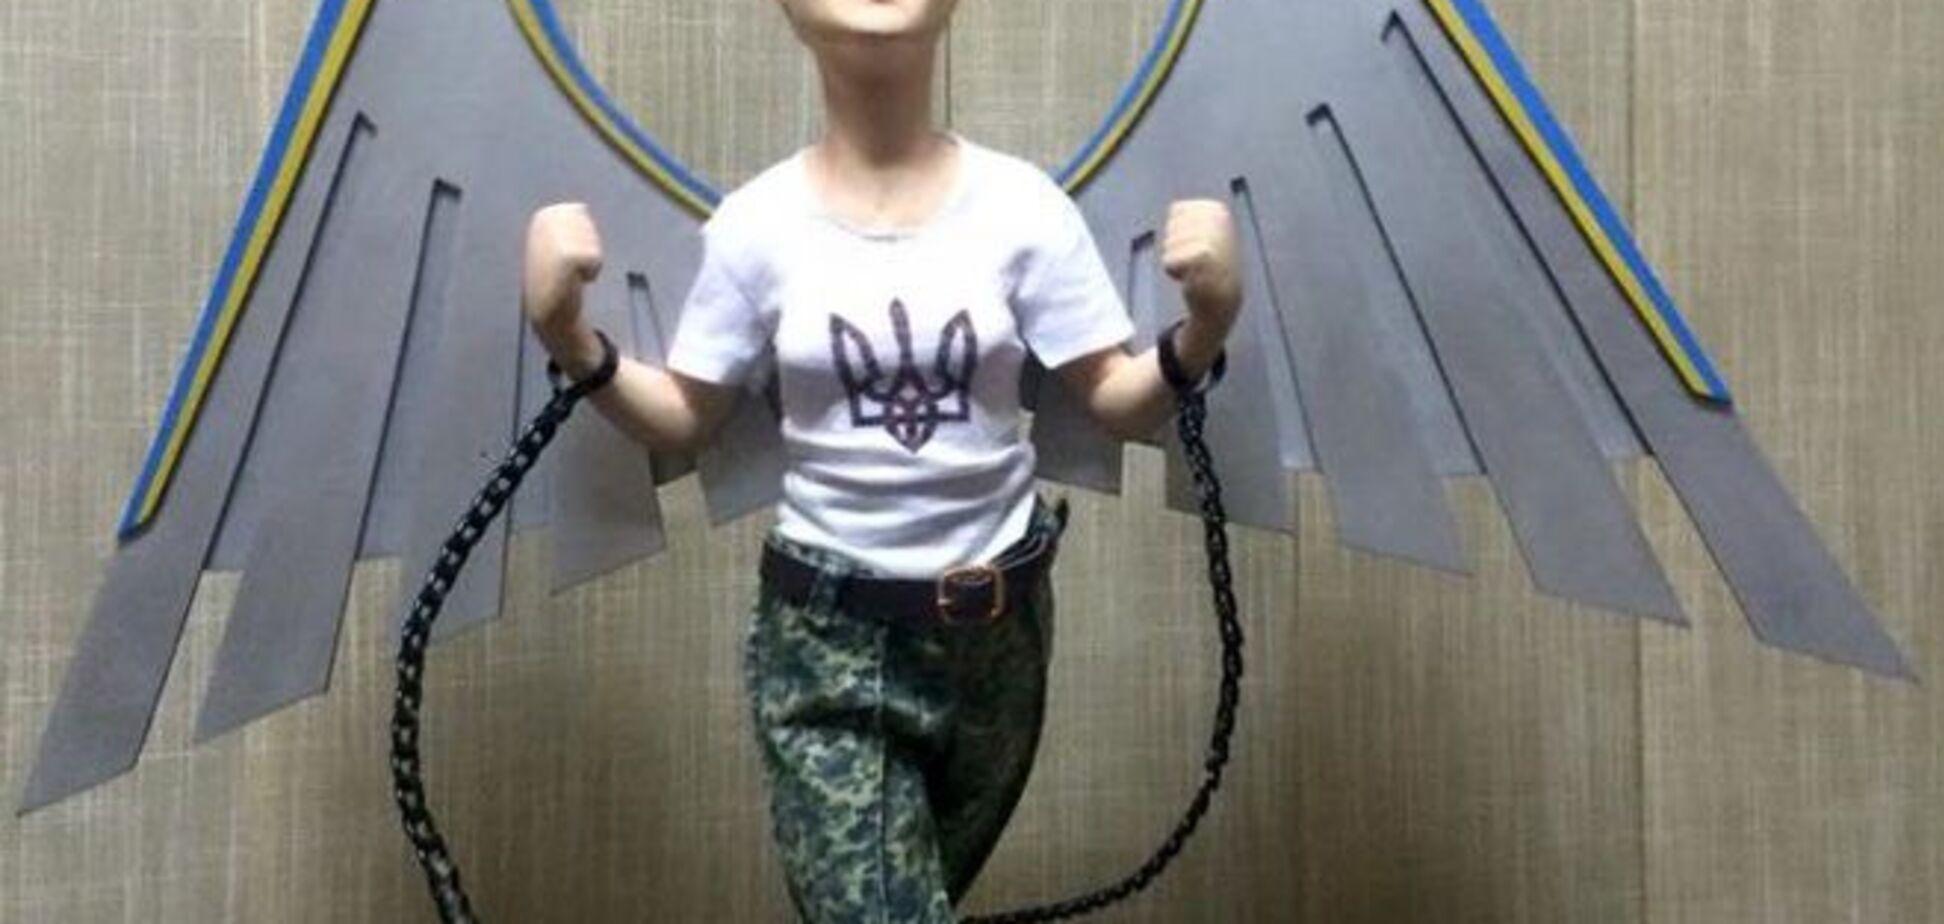 Унікальна фігурка закутої, але окриленої Савченко відправиться в Європу - нардеп